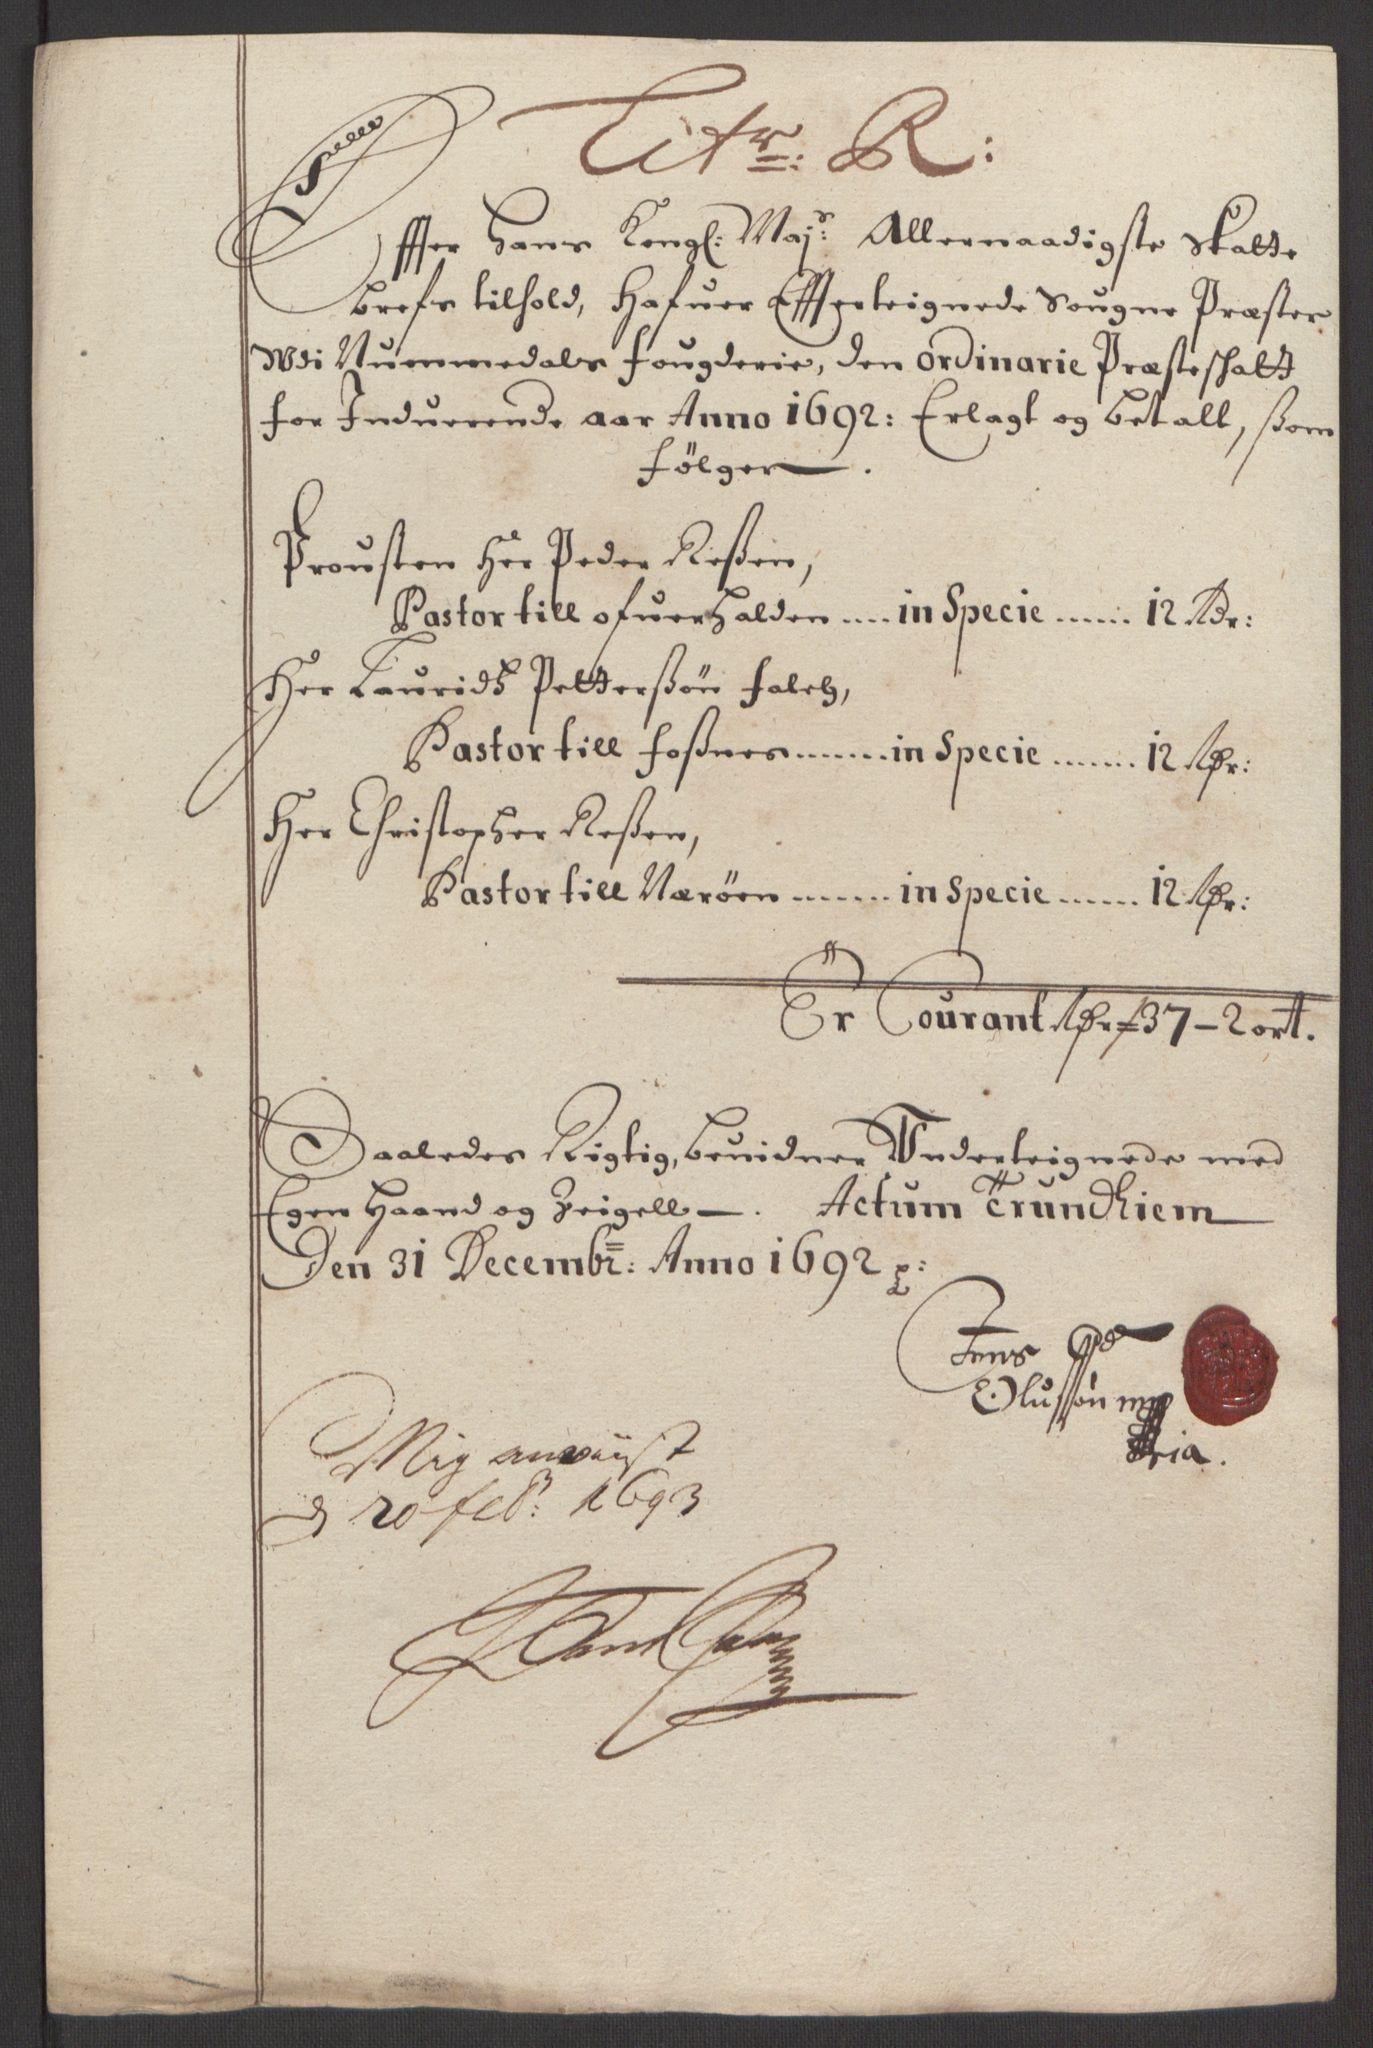 RA, Rentekammeret inntil 1814, Reviderte regnskaper, Fogderegnskap, R64/L4424: Fogderegnskap Namdal, 1692-1695, s. 113